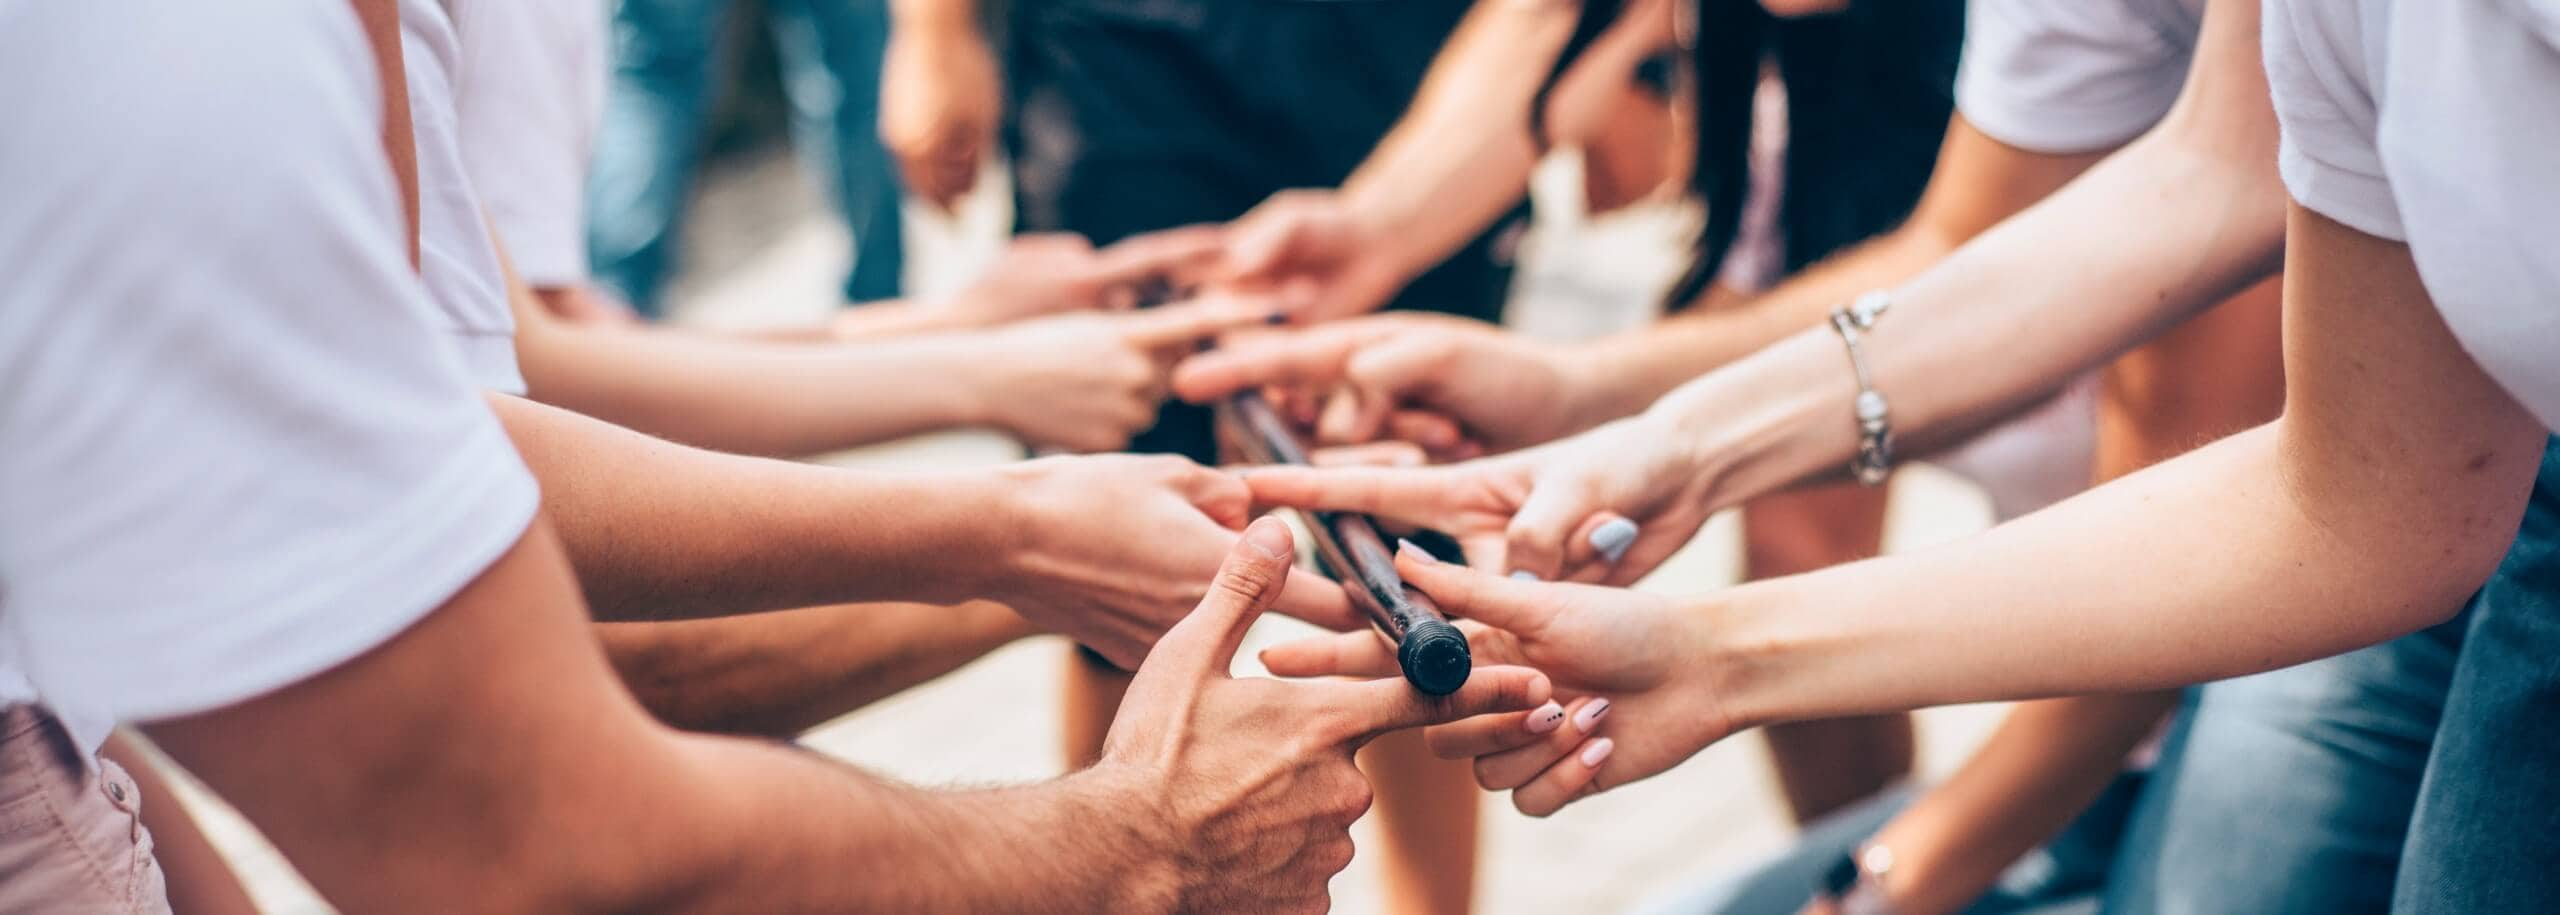 Teamentwicklung Aachen Teamarbeit Gemeinsam sind wir stark